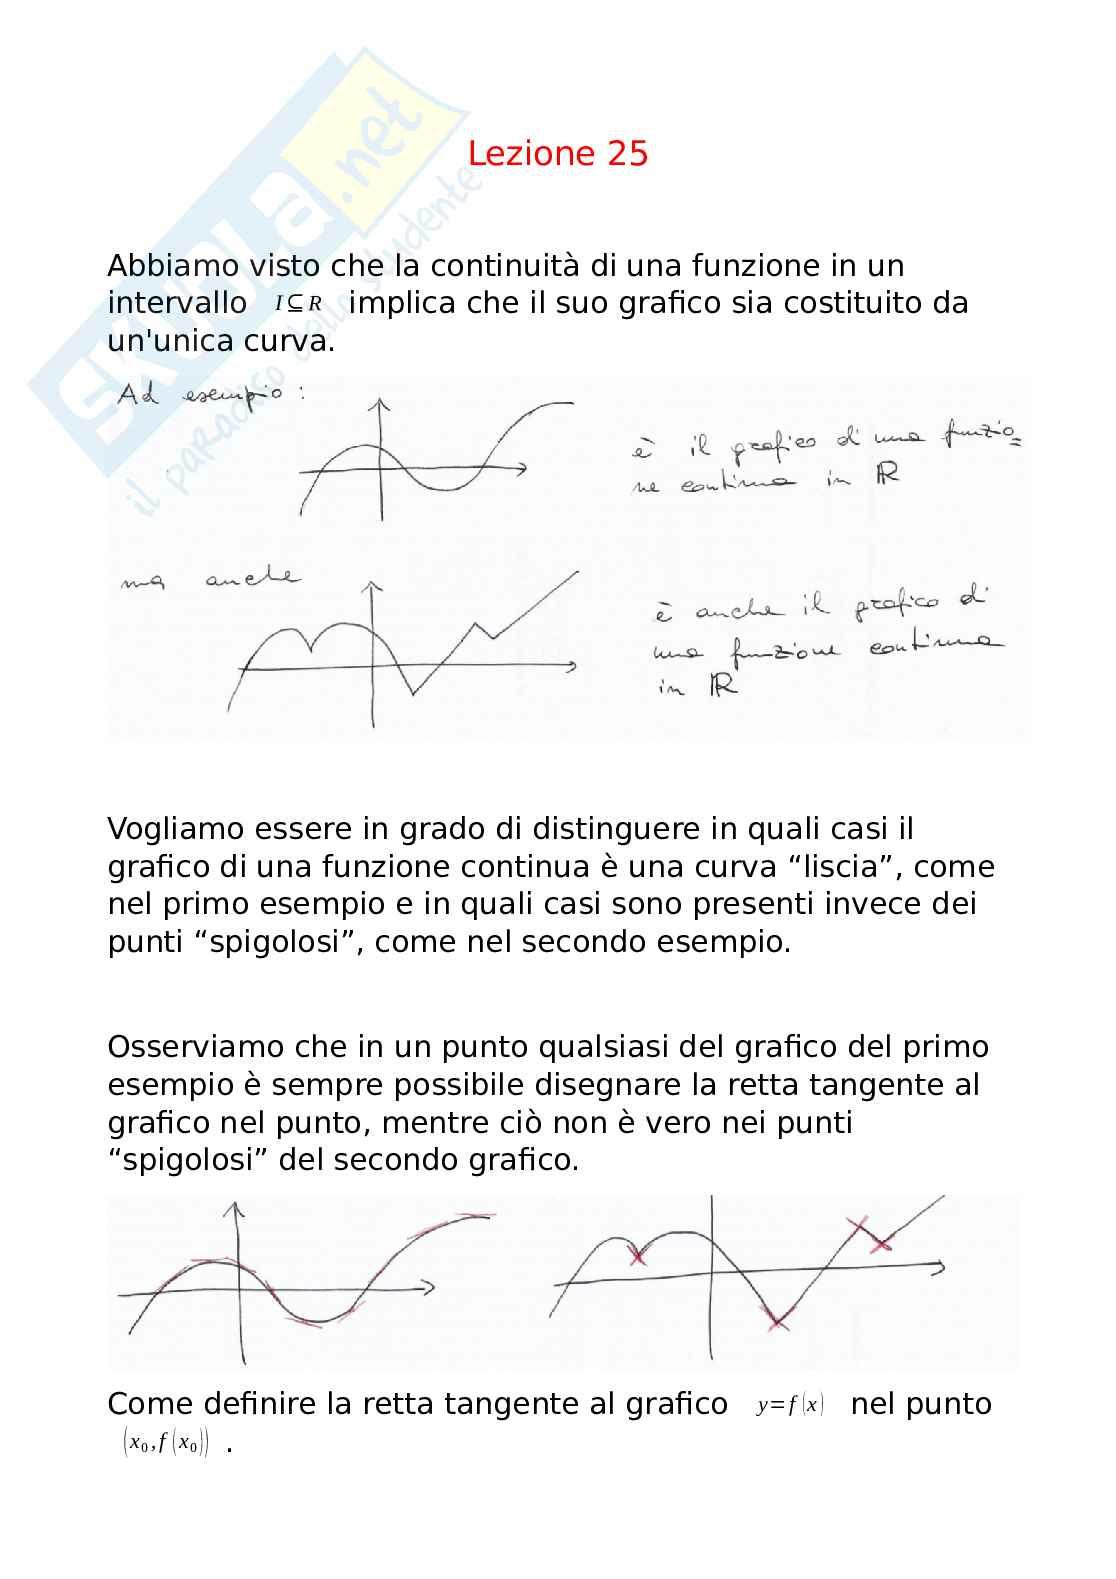 Derivate di funzioni, significato geometrico - Analisi matematica